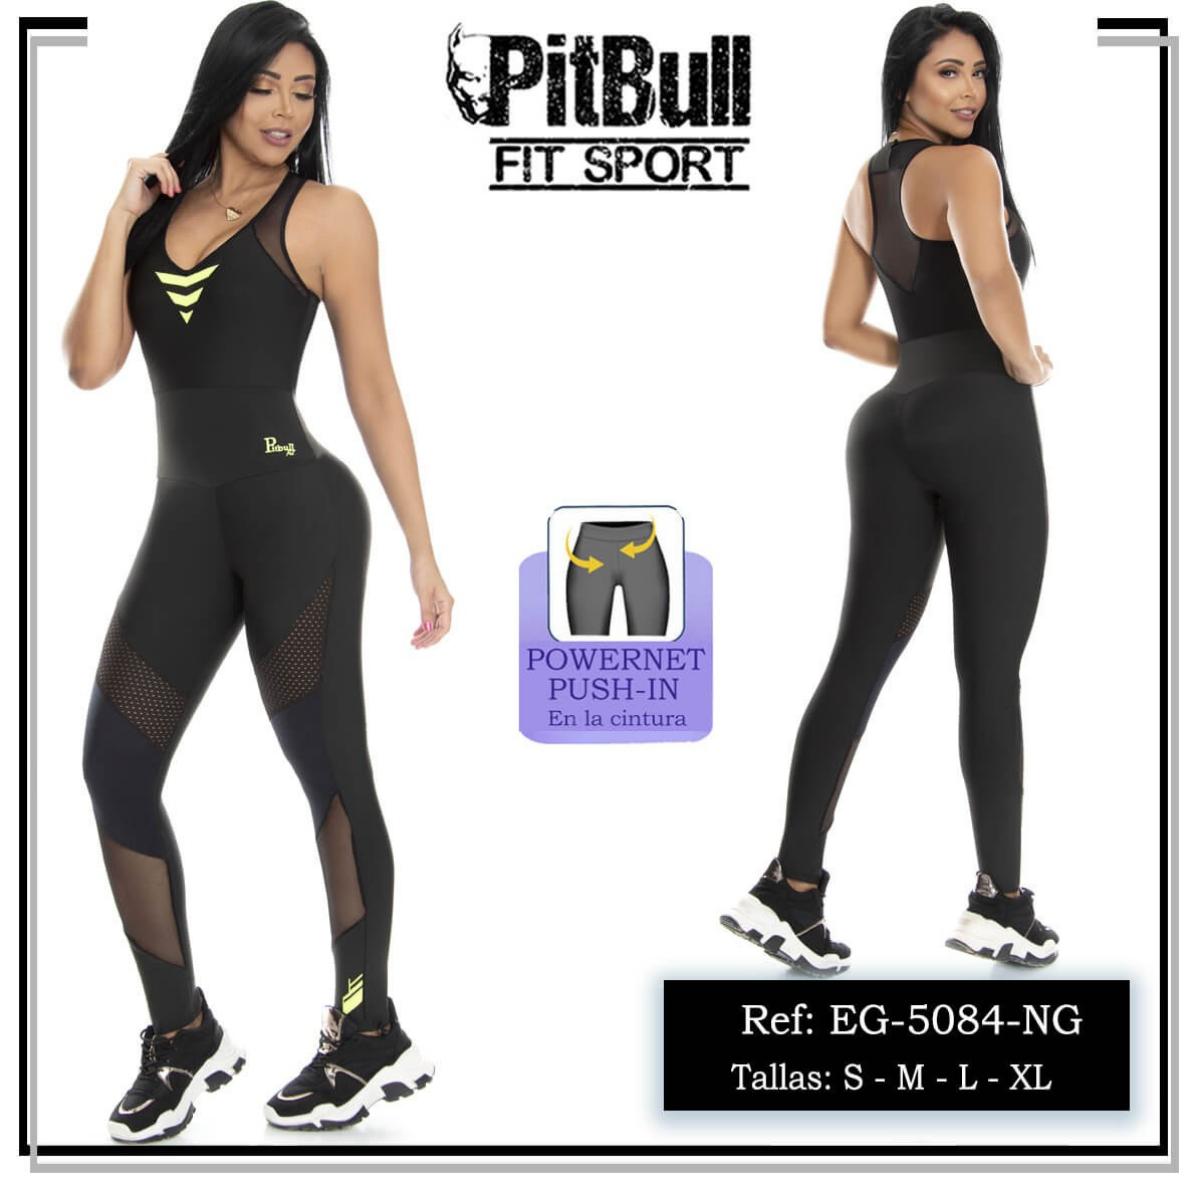 En esta sección de mallas deportivas de la marca Pitbull, te ofrecemos las mejores propuestas en esta prenda técnica, que también se puede emplear en varios deportes. ¡Déjate sorprender por las propuestas de Kpricchosmodalatina.com!